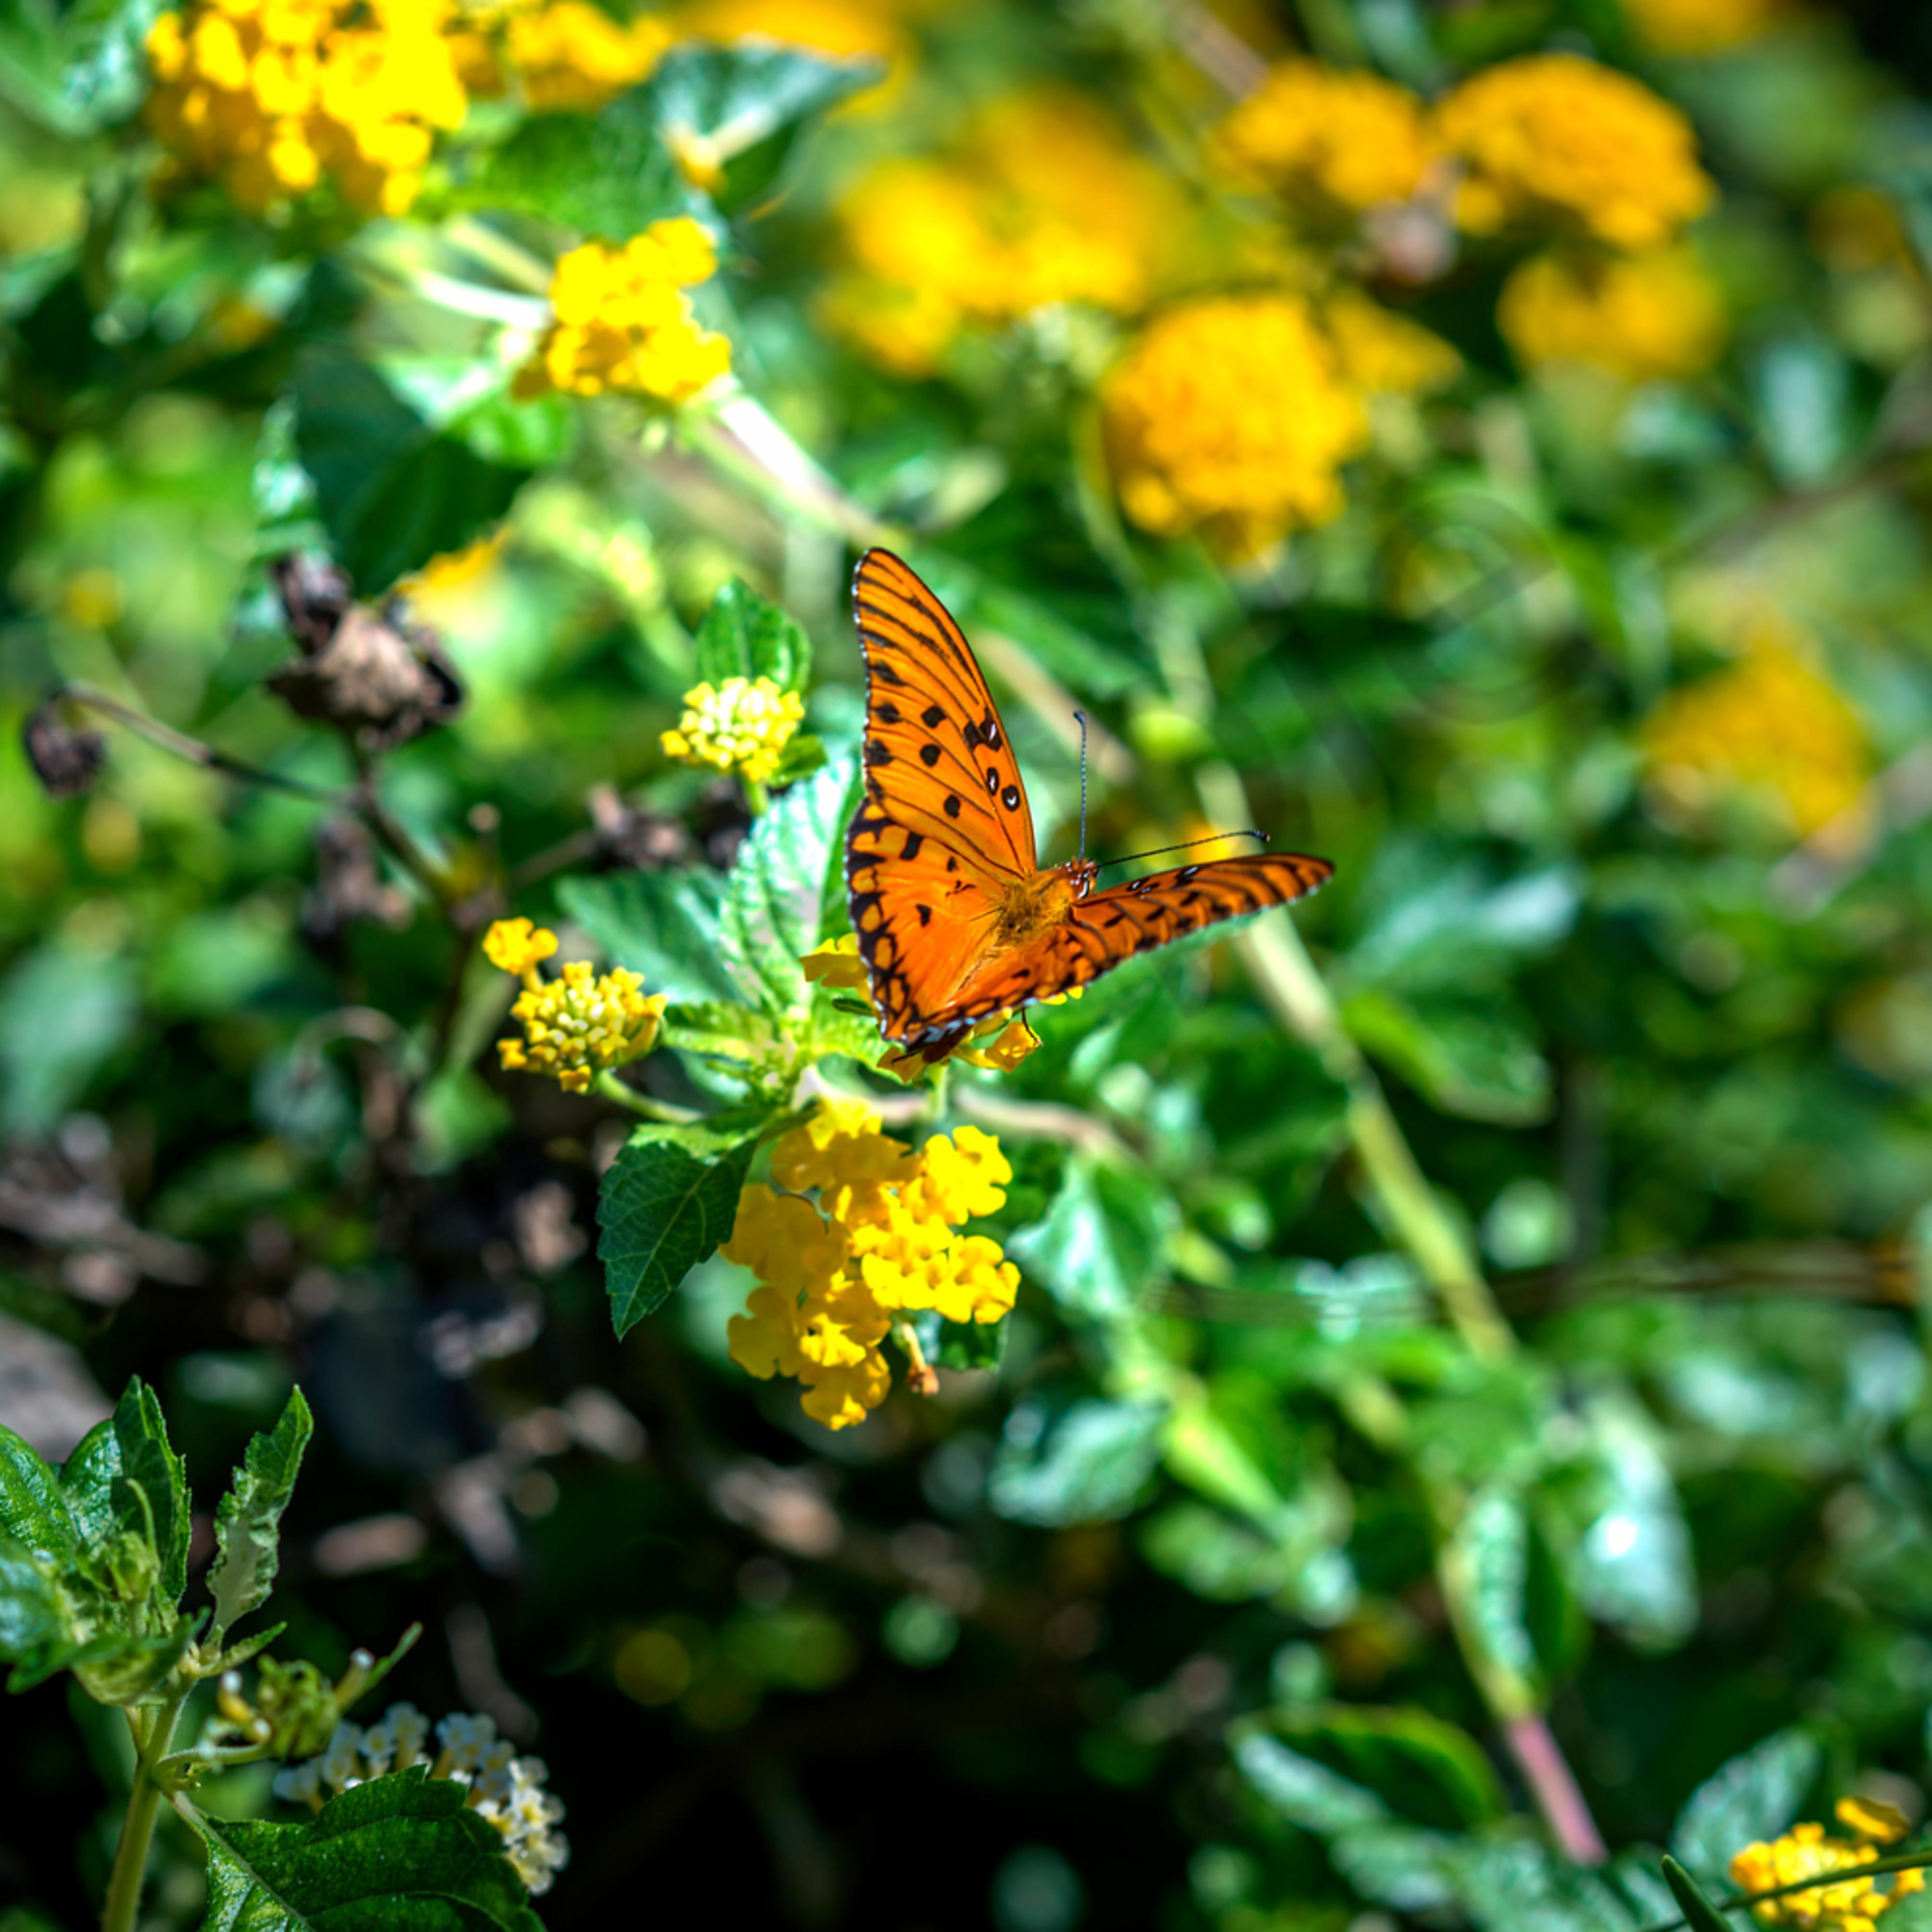 Butterfly alight y9czjg